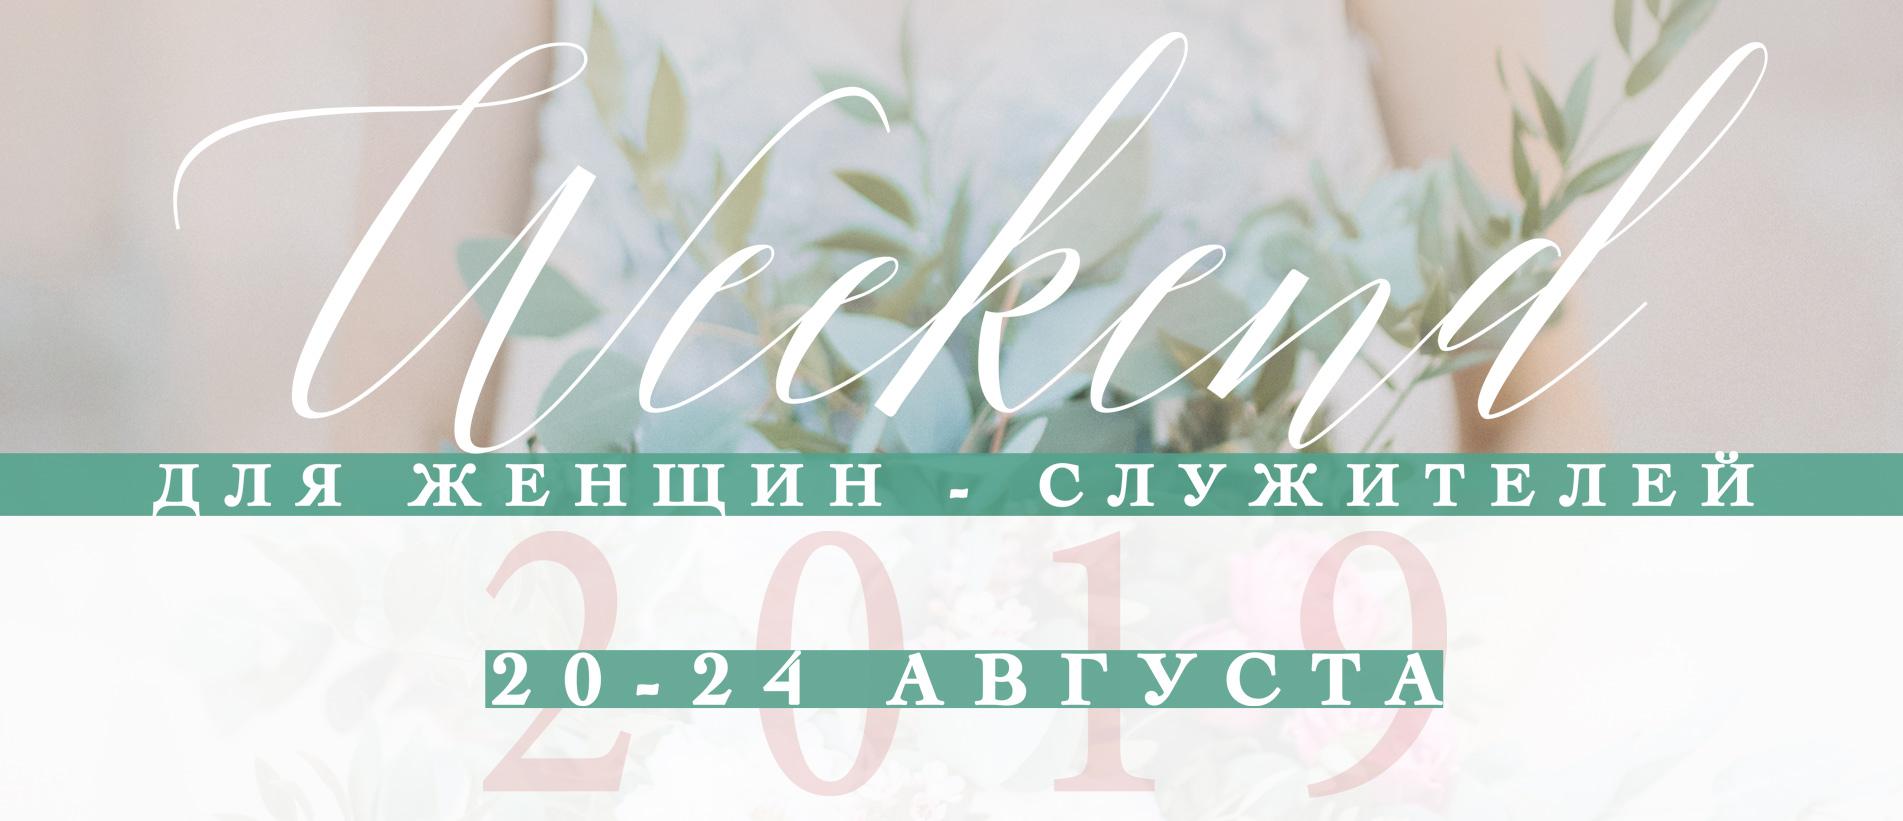 Рабочий уикенд для женщин — служителей! 20-24 августа